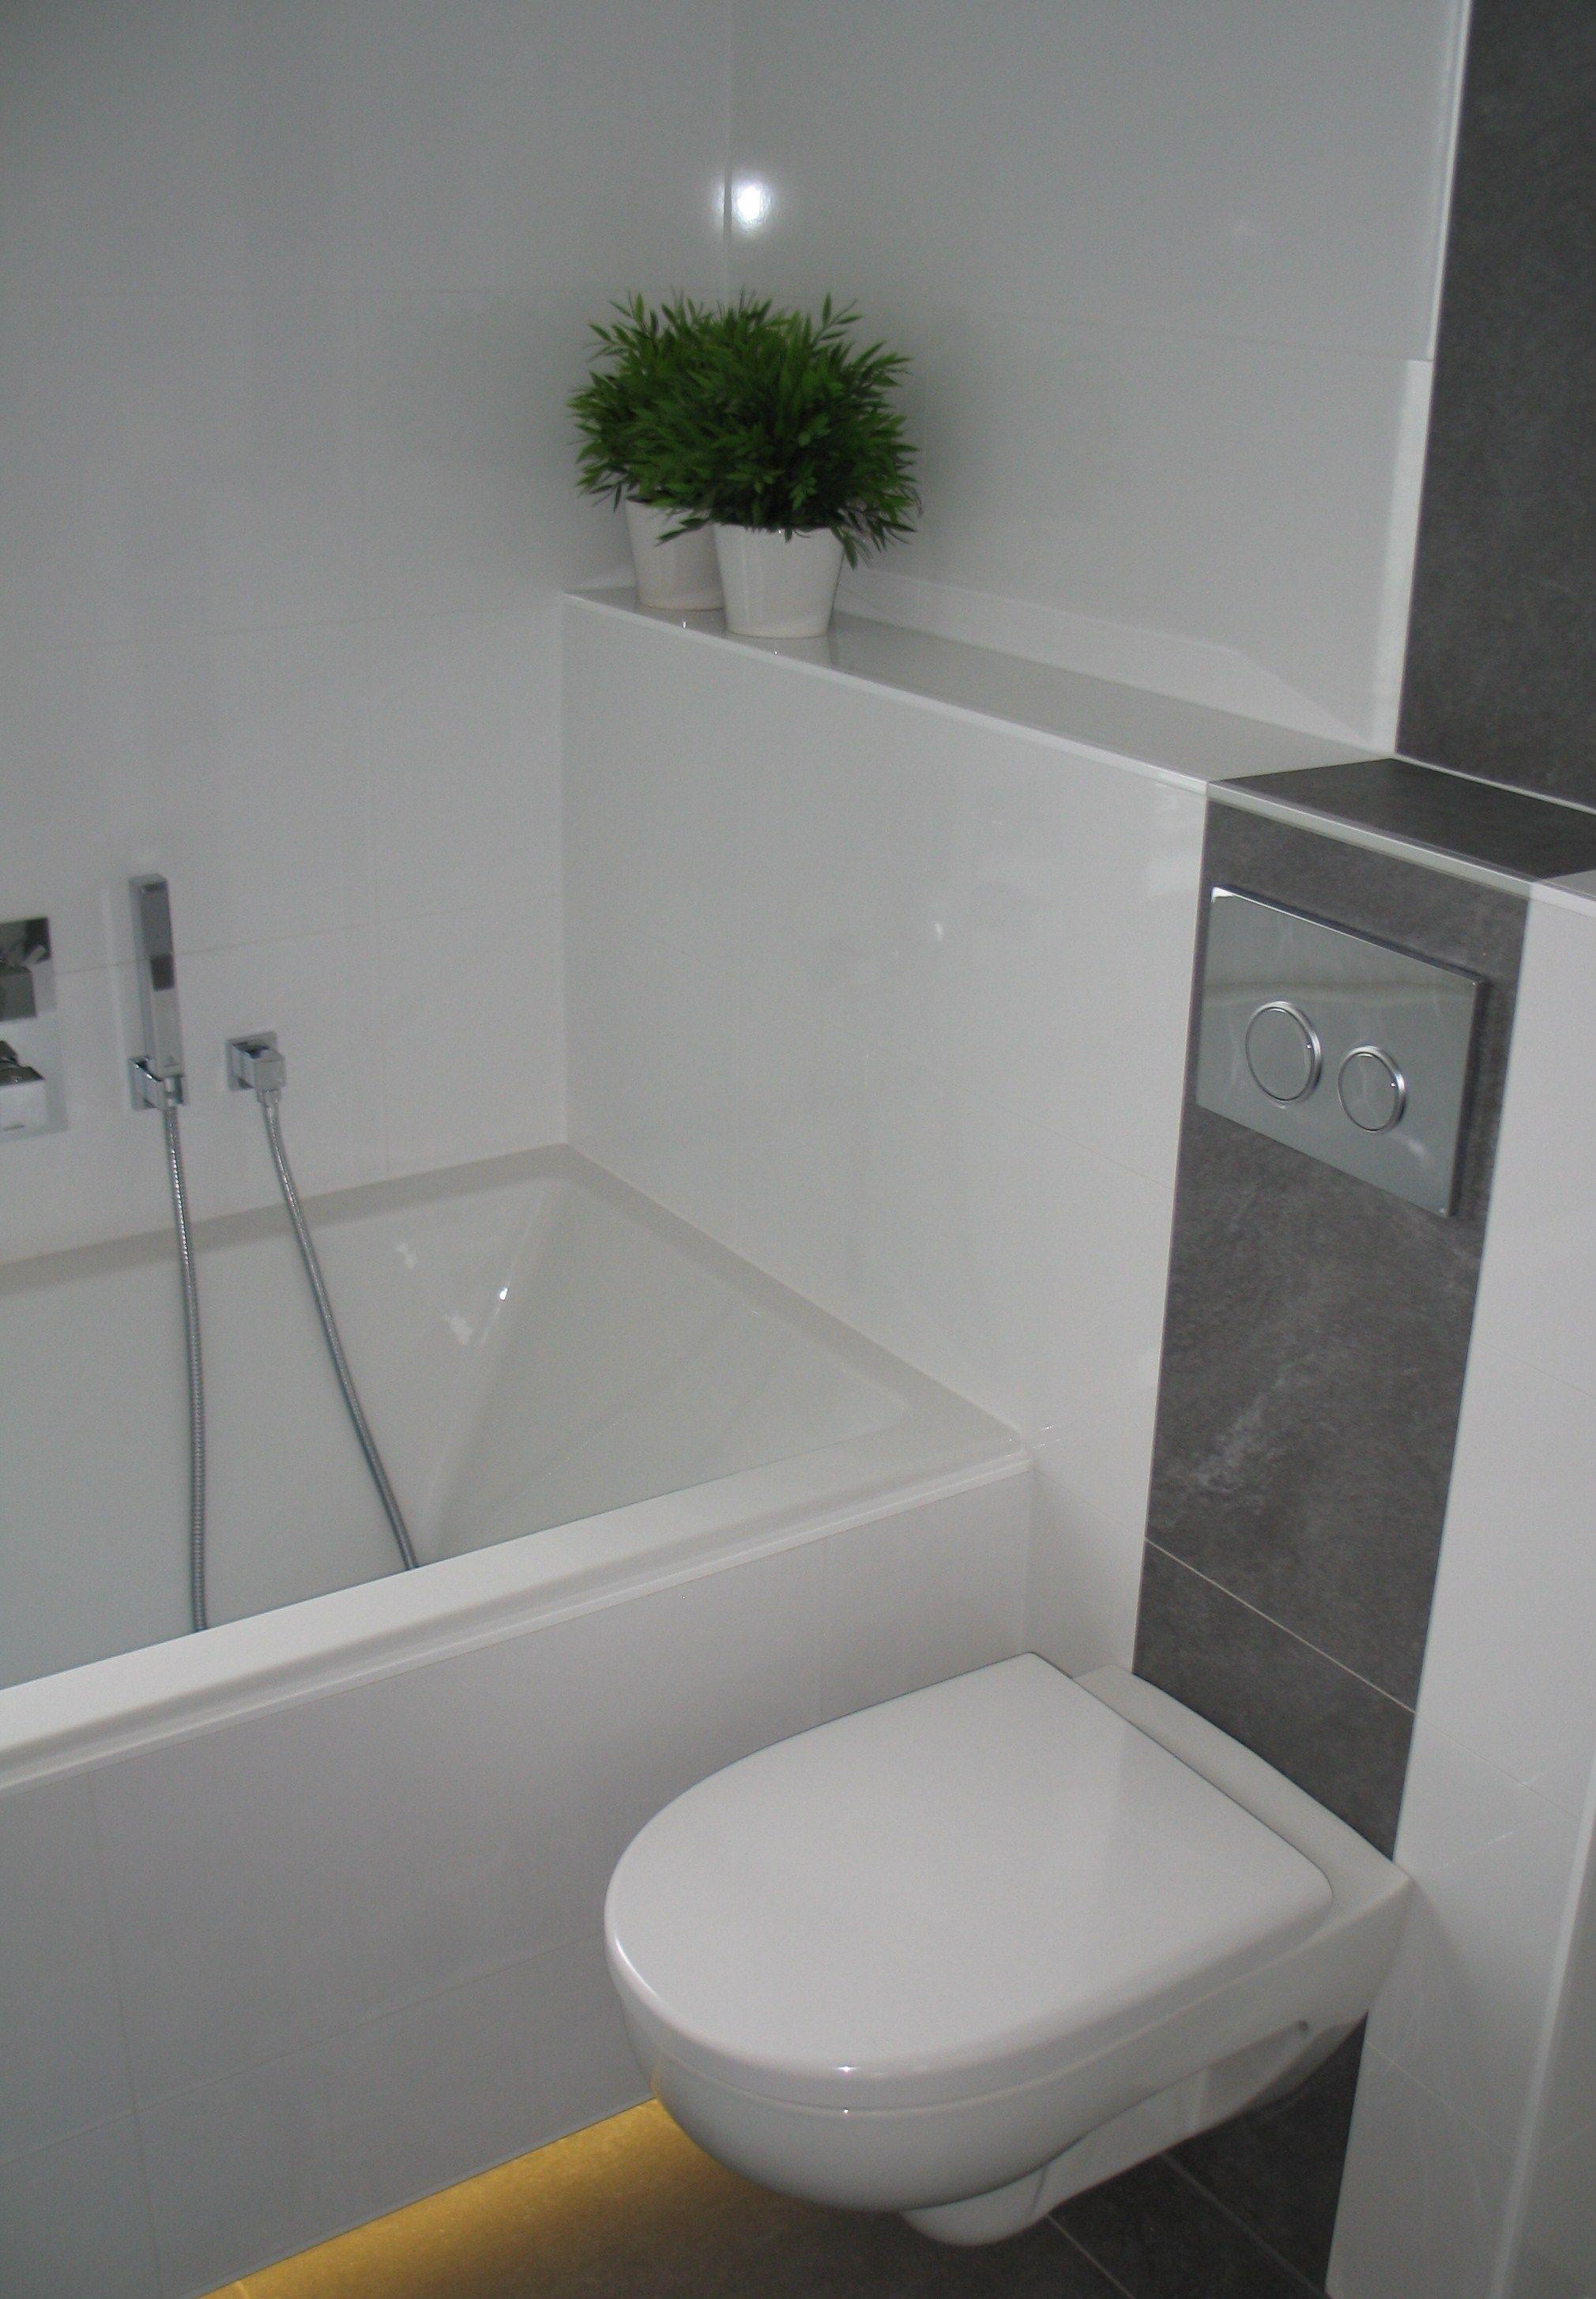 Witte badkamer met bruine banen in de tegelwanden en verlichting onder het bad de bruine banen - Bruine en beige badkamer ...